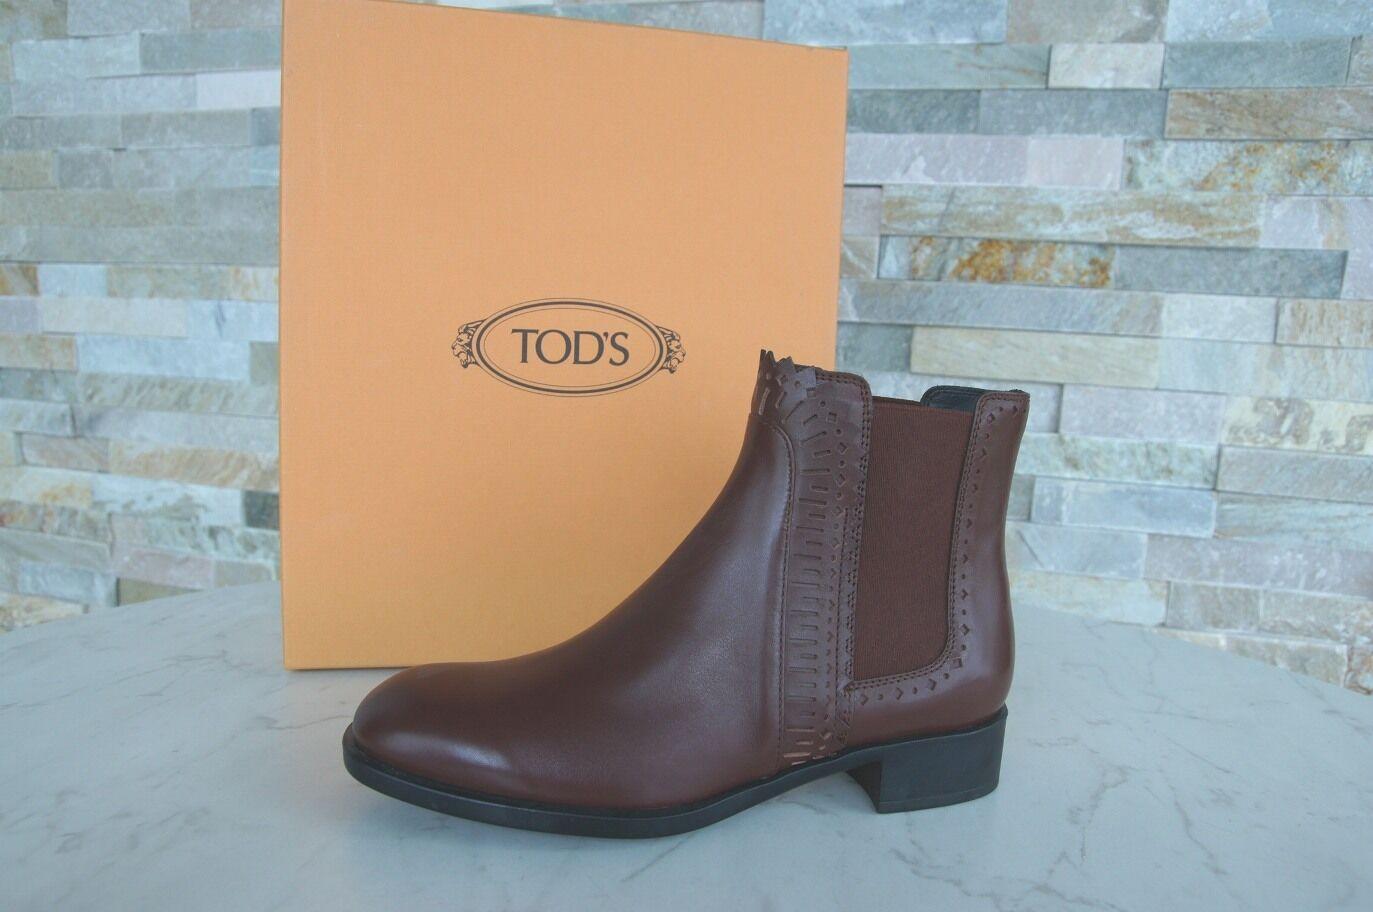 TOD S Tods 36 Bottines Chelsea Boots Bottes Ehemuvp Chaussures Marron Neuf  Ehemuvp Bottes b445e4 ceb024e70176